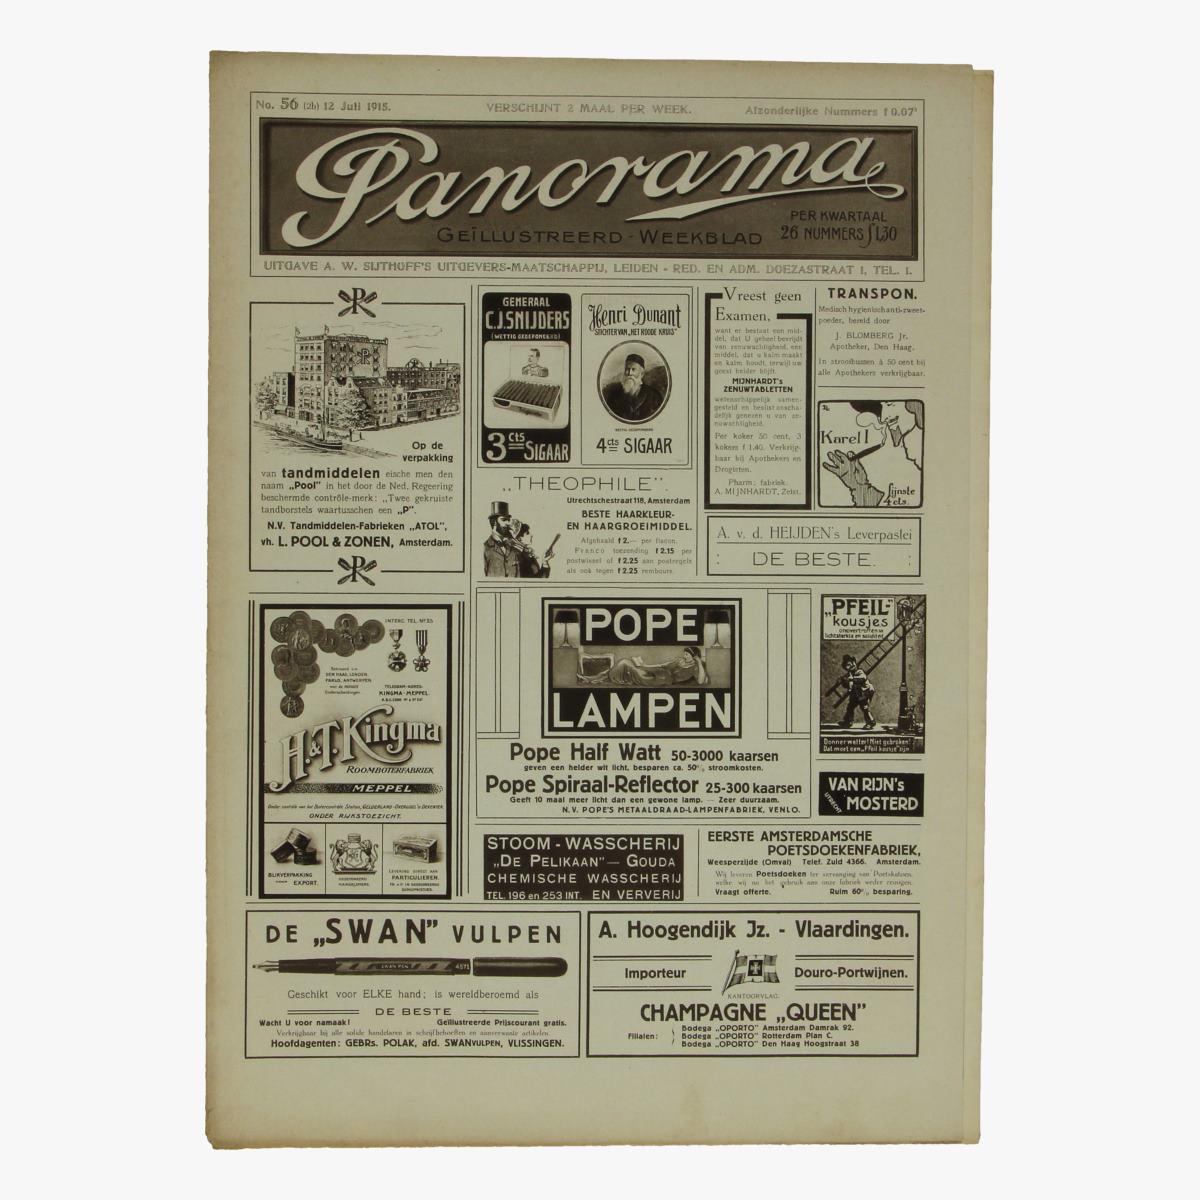 Afbeeldingen van oude weekblad panorama N°56   12 juli 1915.